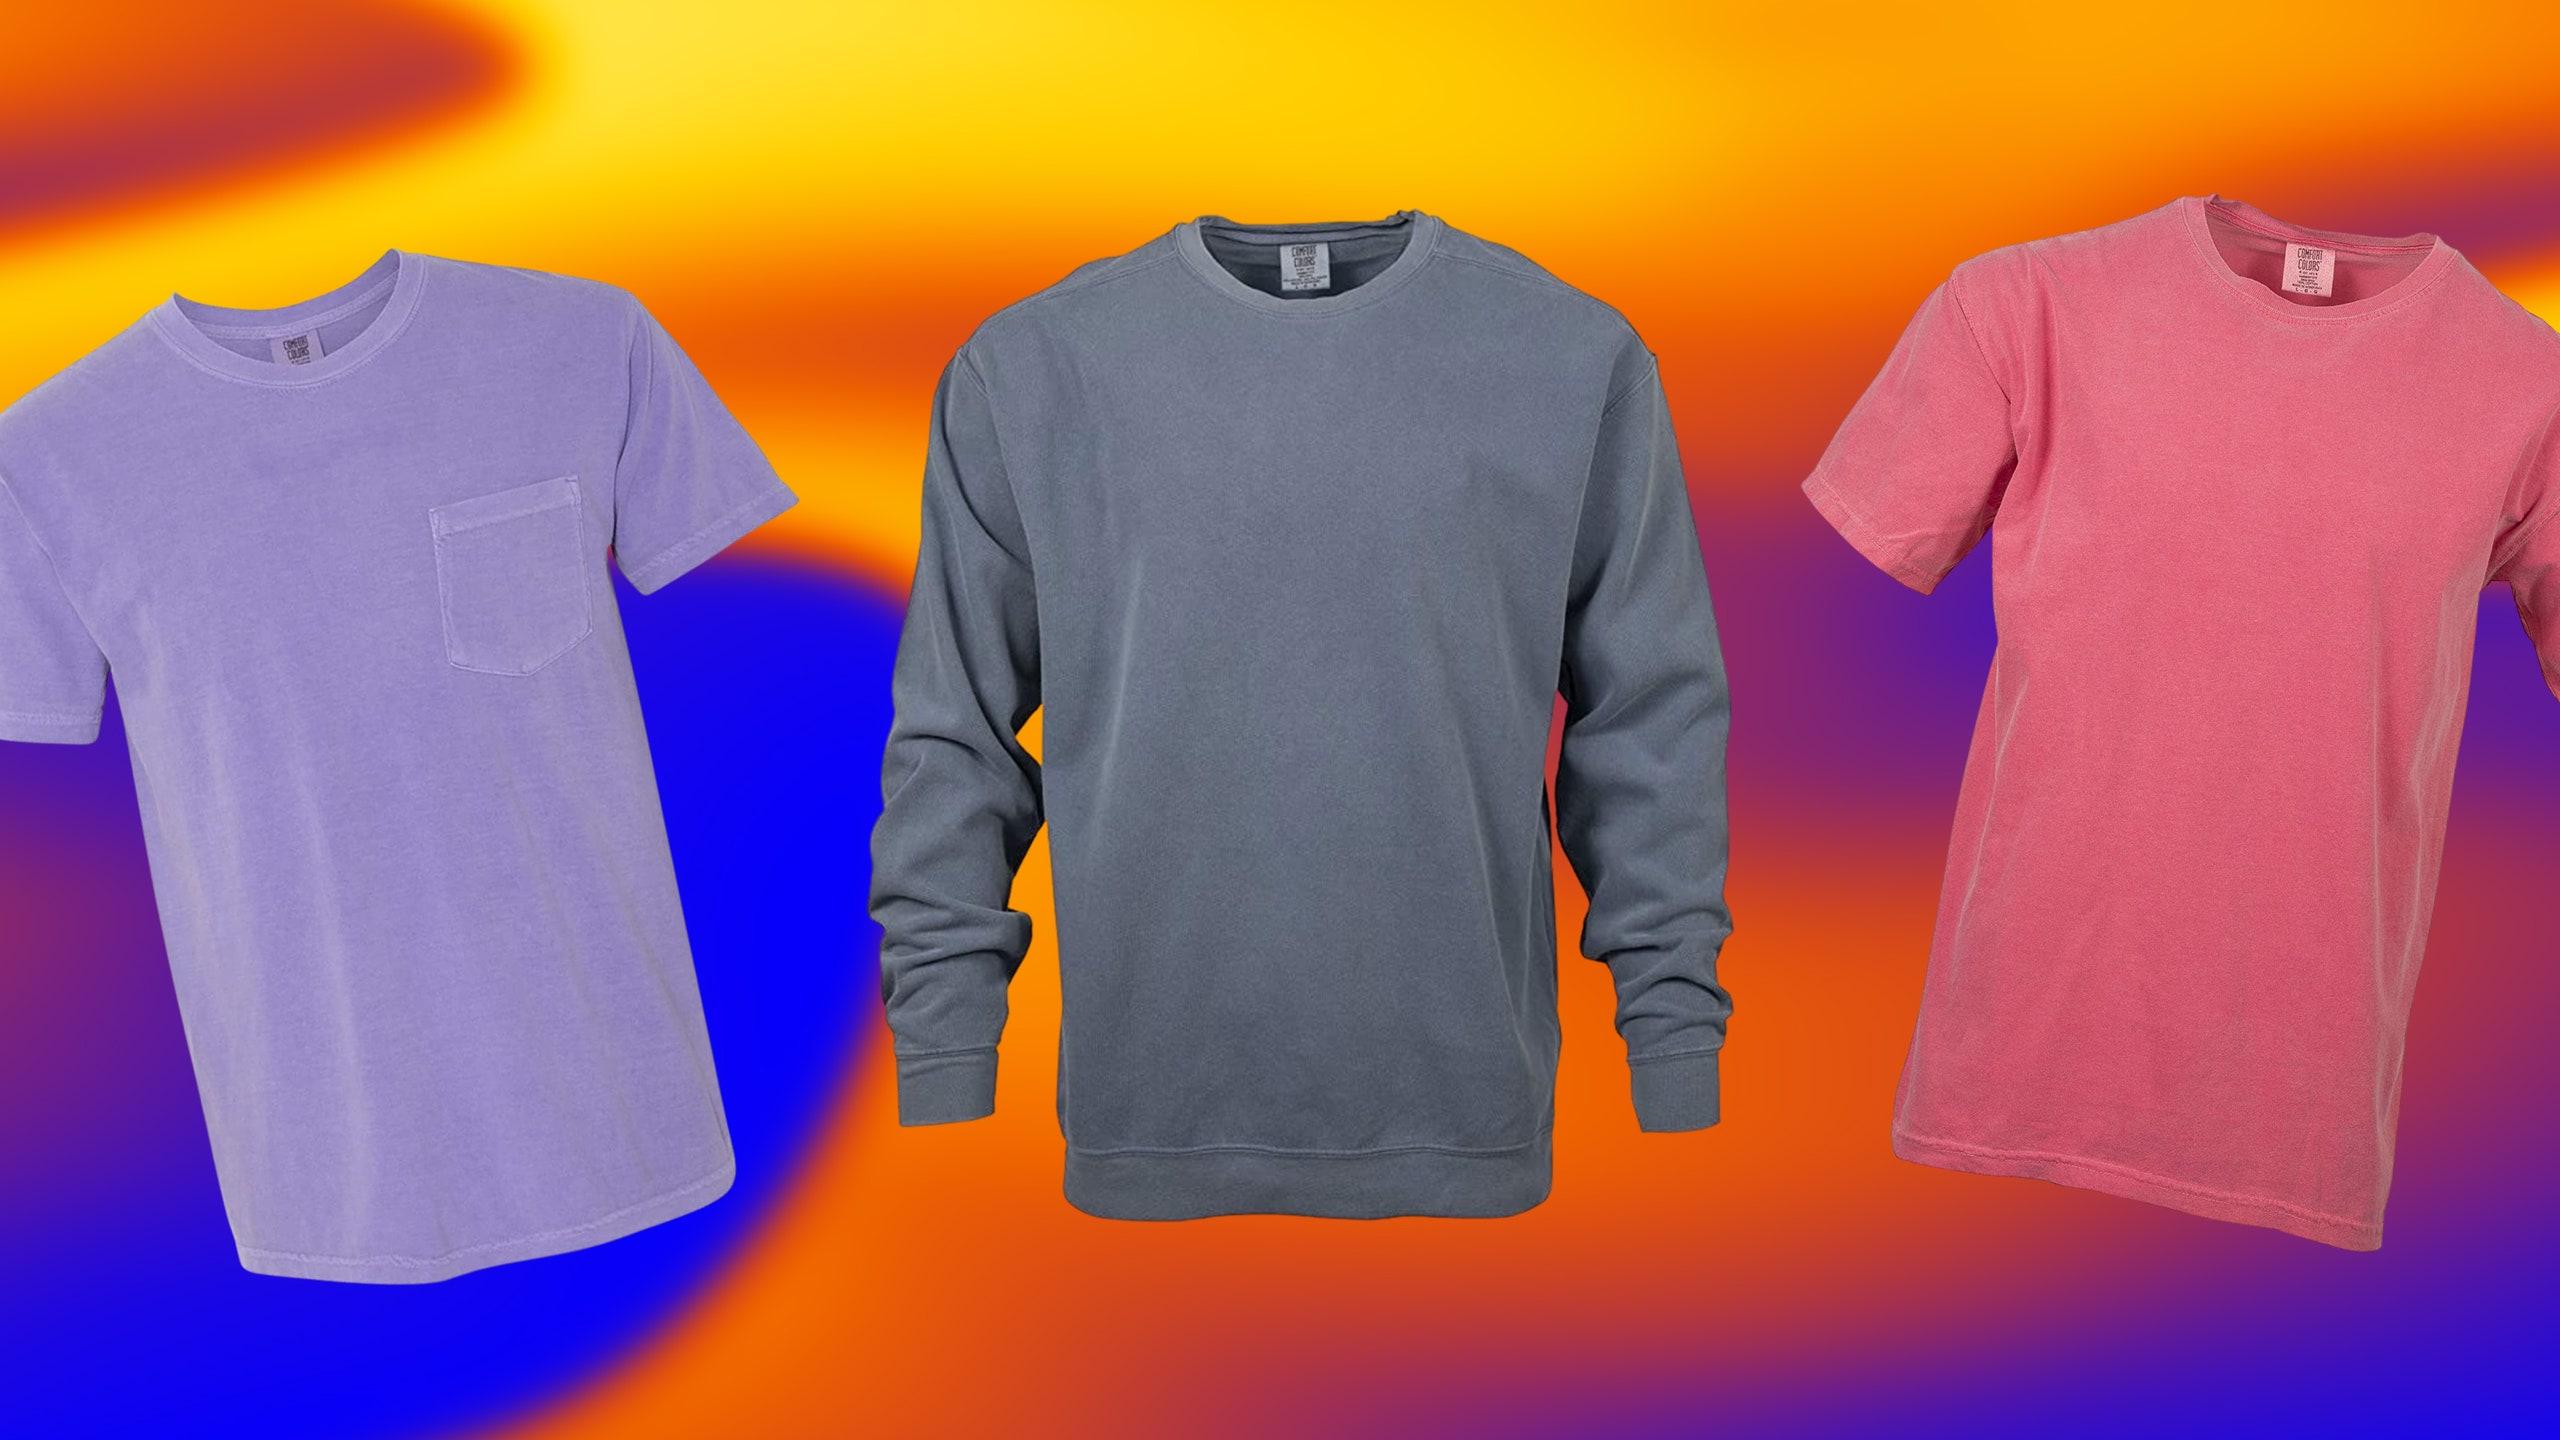 Dit belachelijk zachte $ 8-t-shirt is de beste deal van de grote verkoop in Amazon-stijl